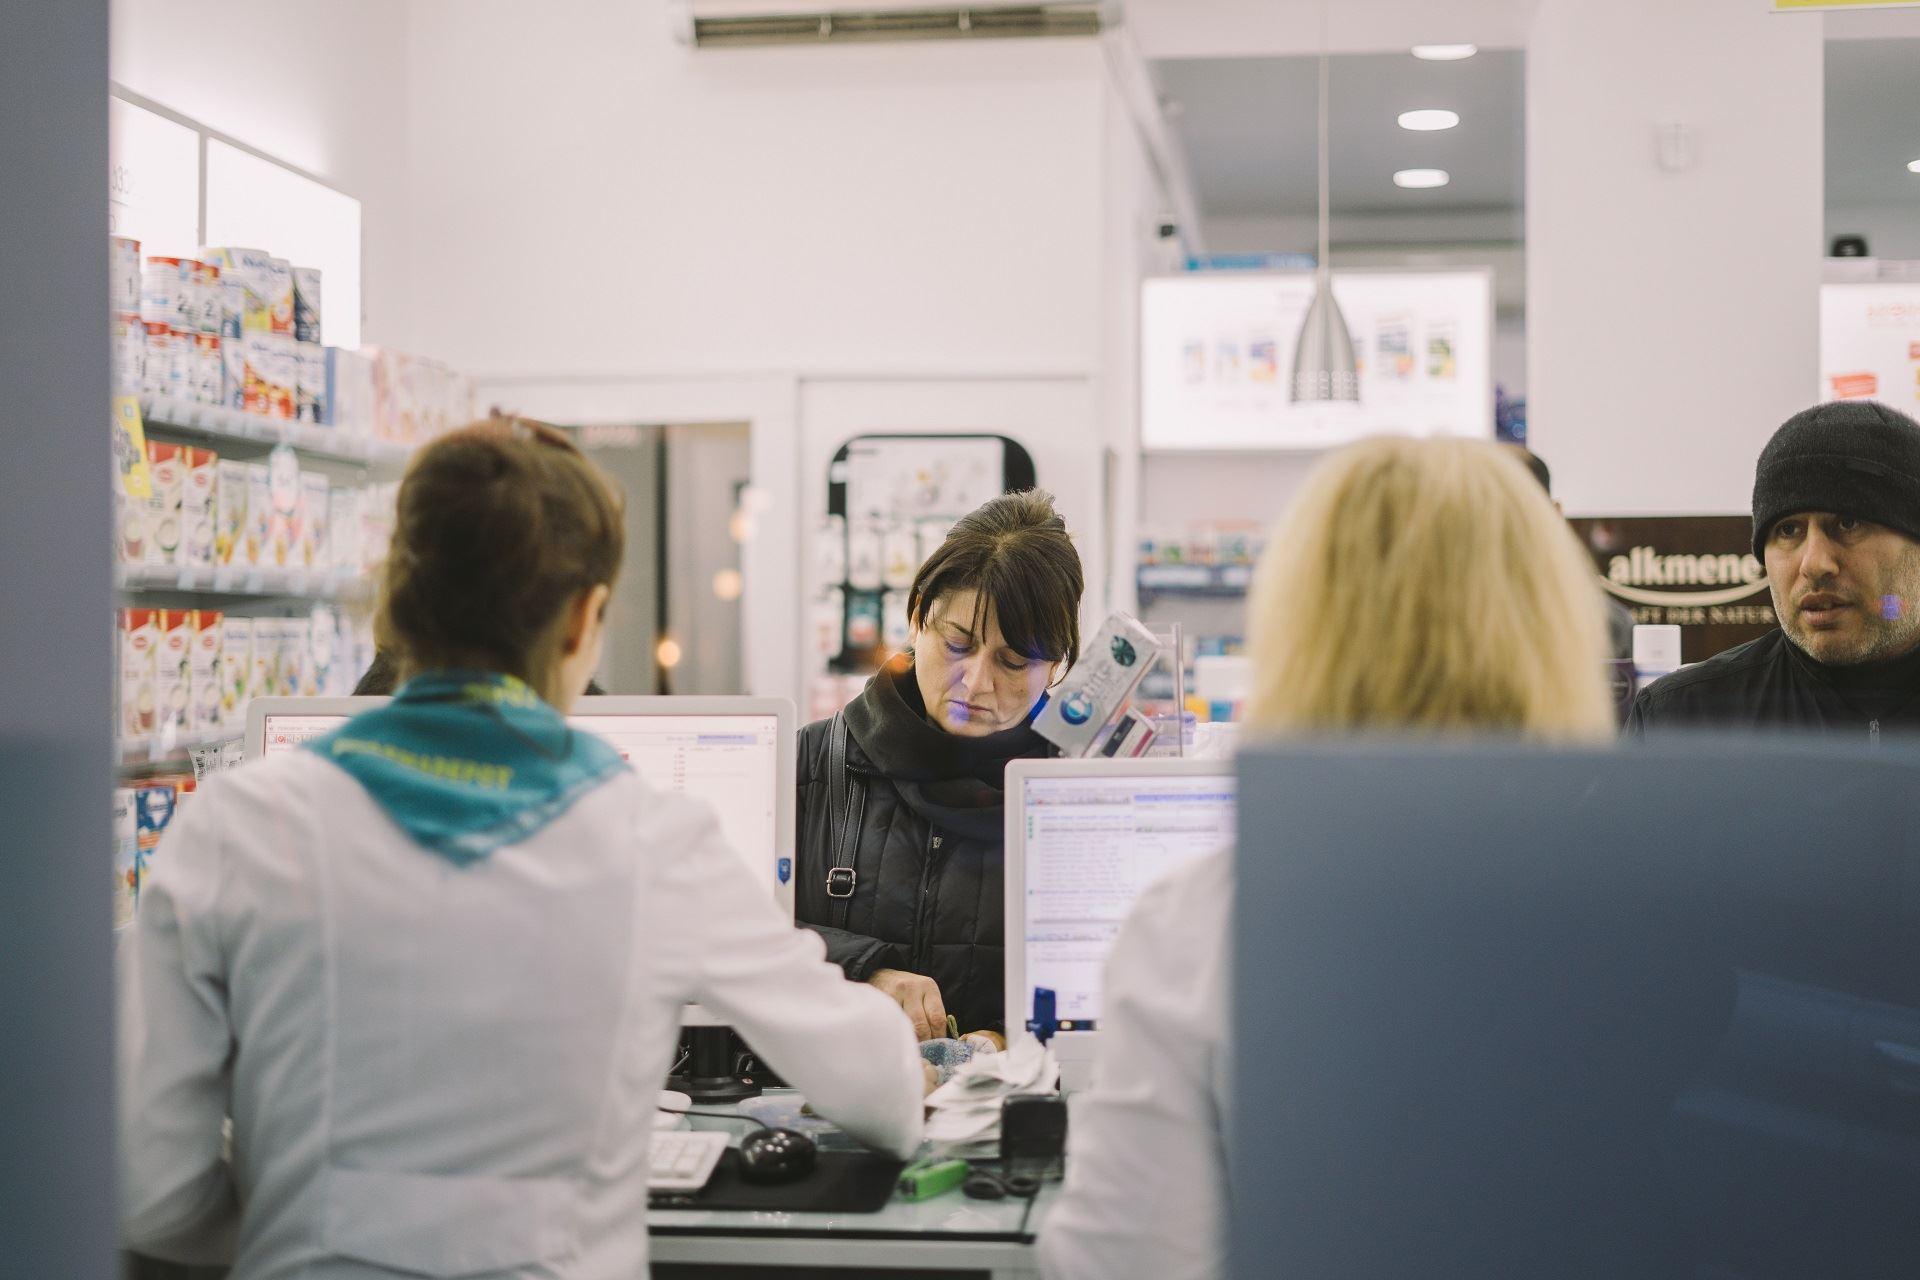 Românii preferă să cumpere medicamente de la cea mai apropiată farmacie cu prețuri mici